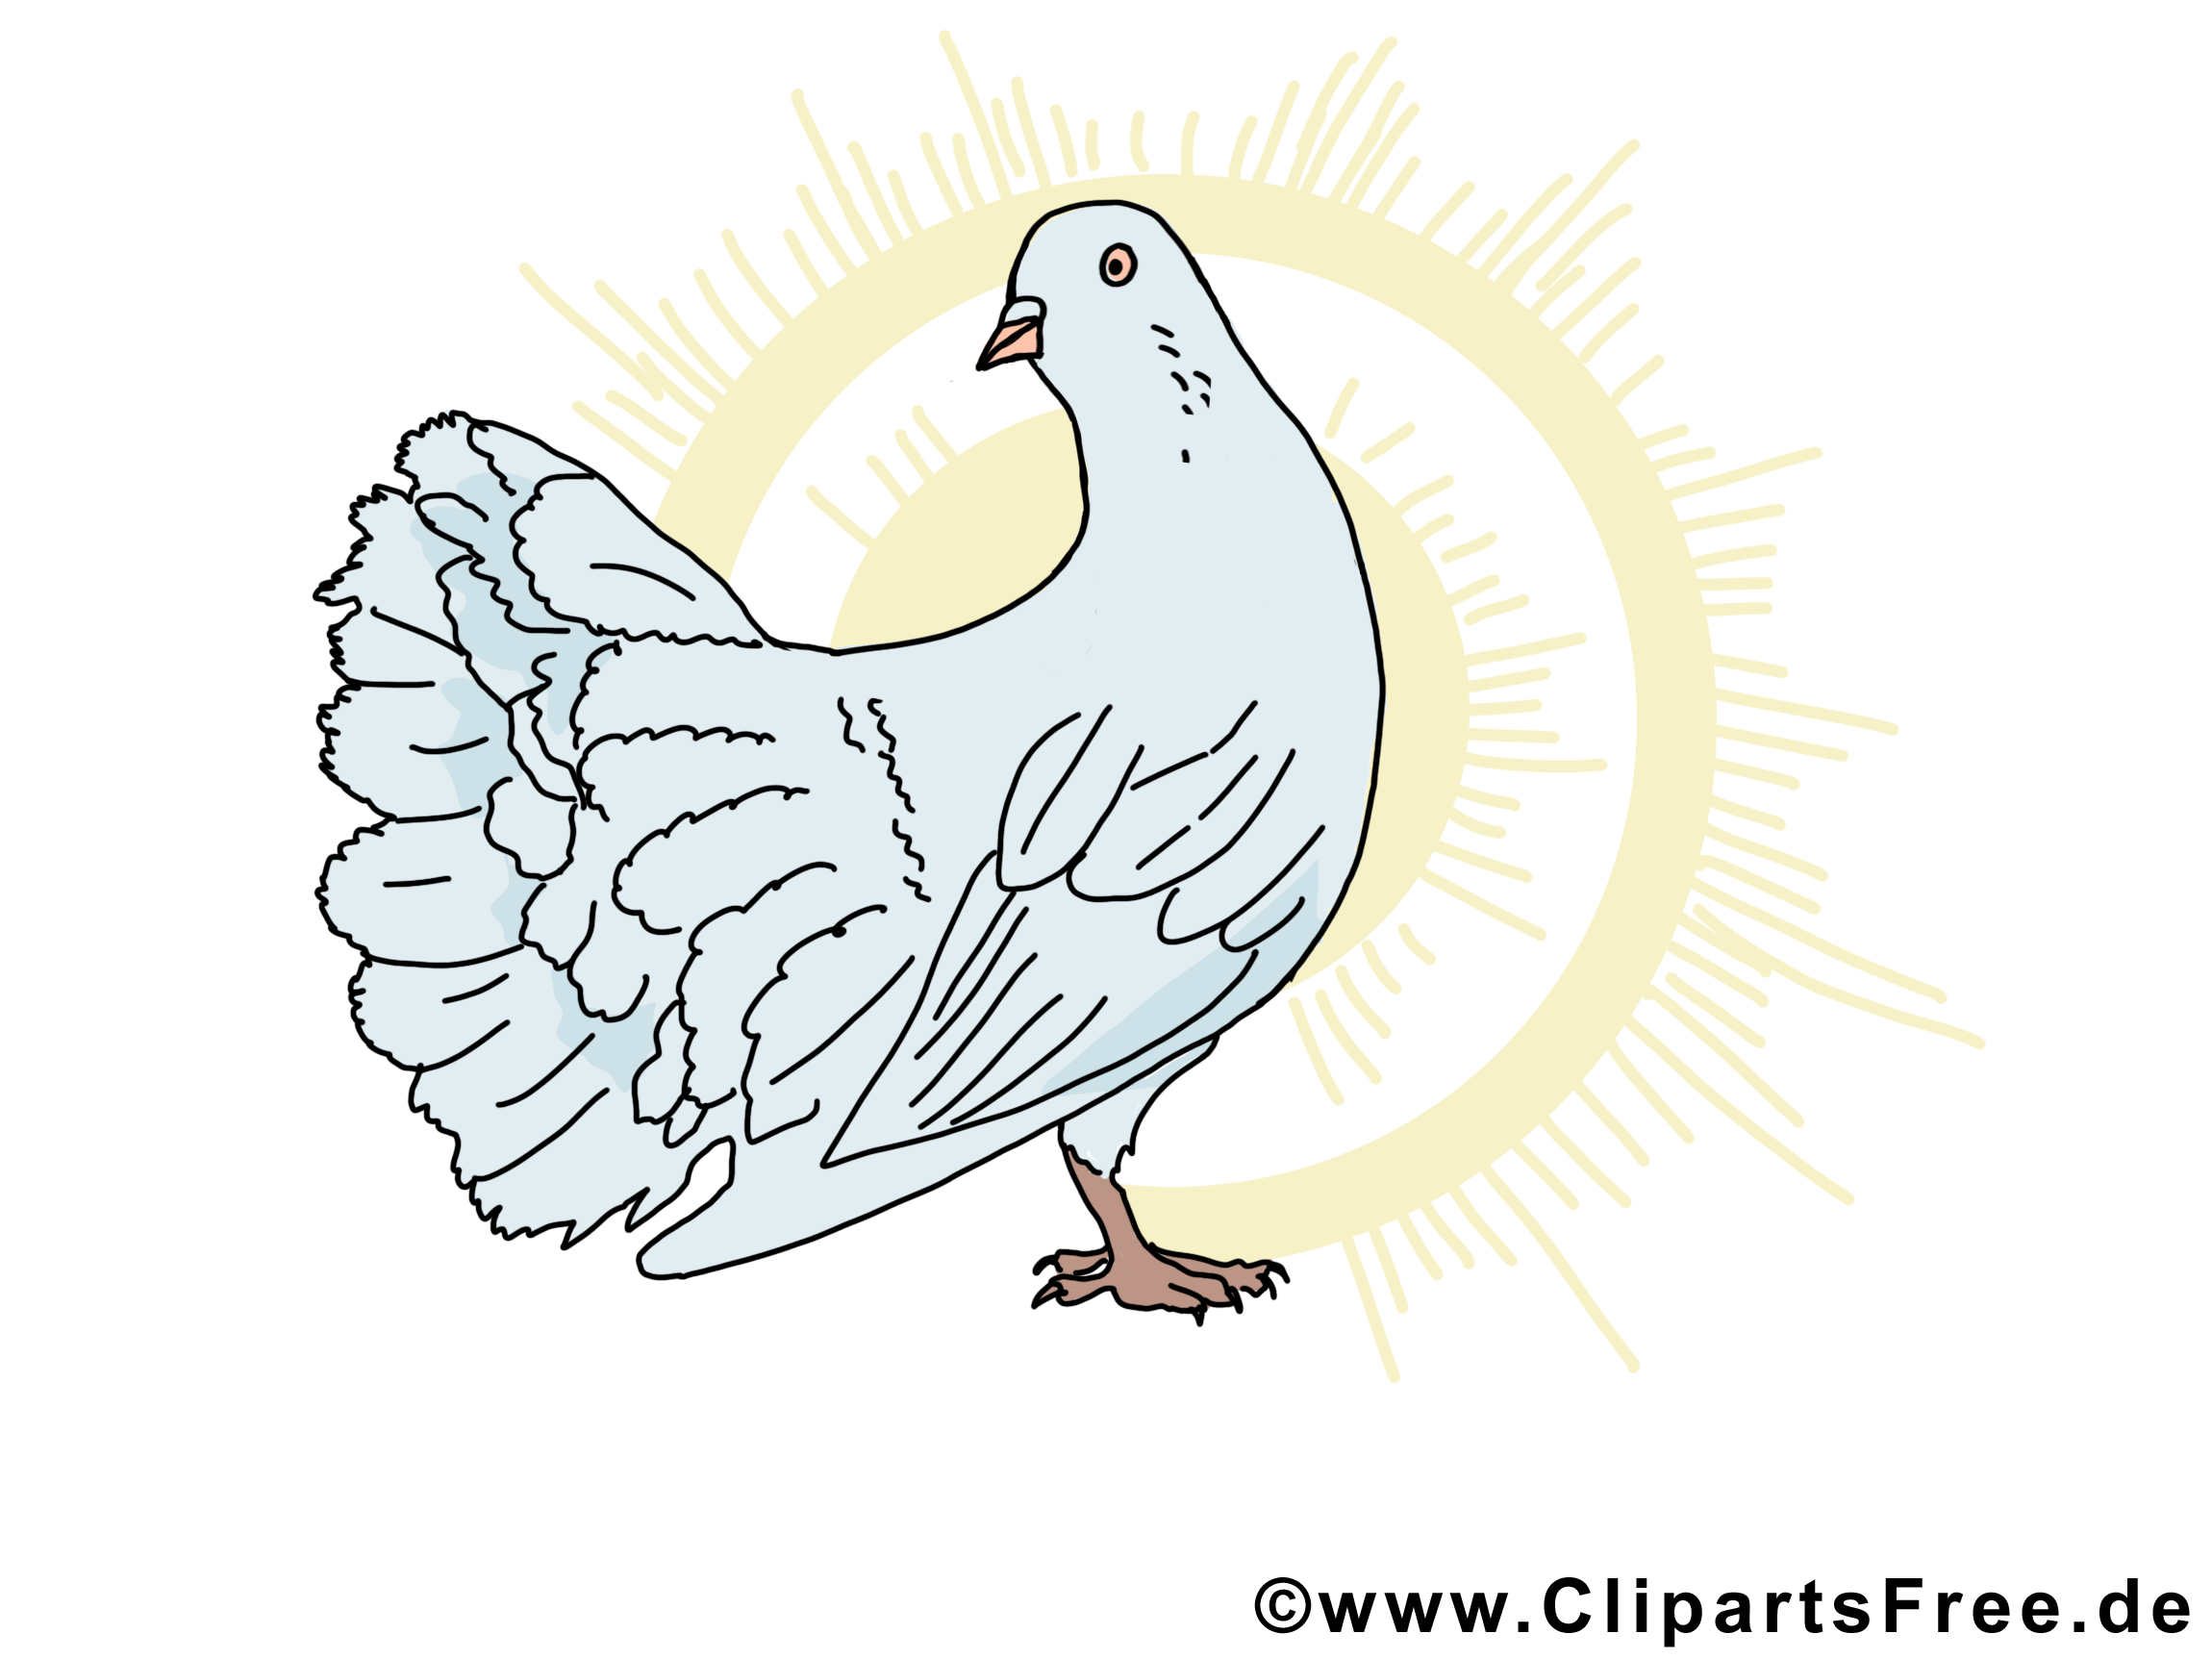 Soleil images gratuites – Pentecôte clipart gratuit